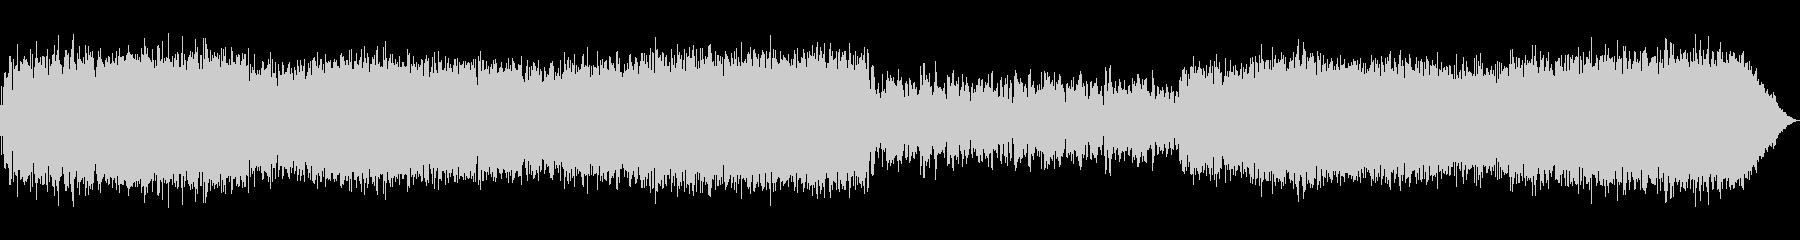 超常的なラスボス 逆再生 ドラムンベースの未再生の波形